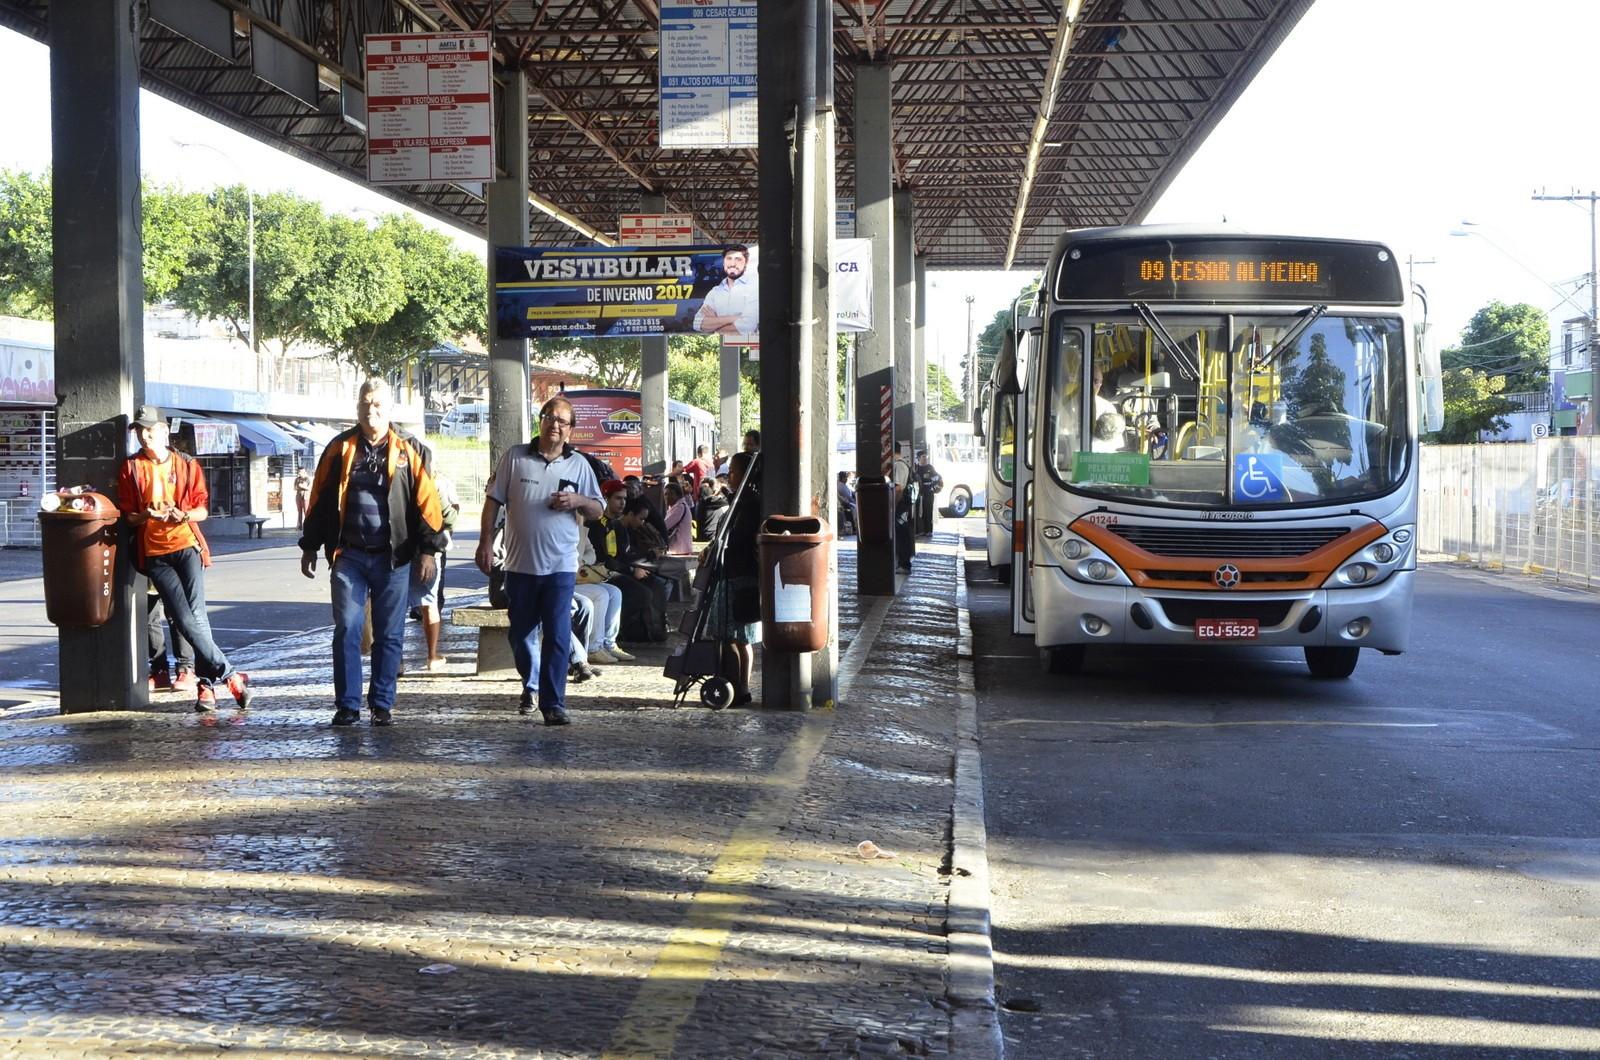 Empresa de ônibus de Marília amplia horário do transporte público para a volta às aulas